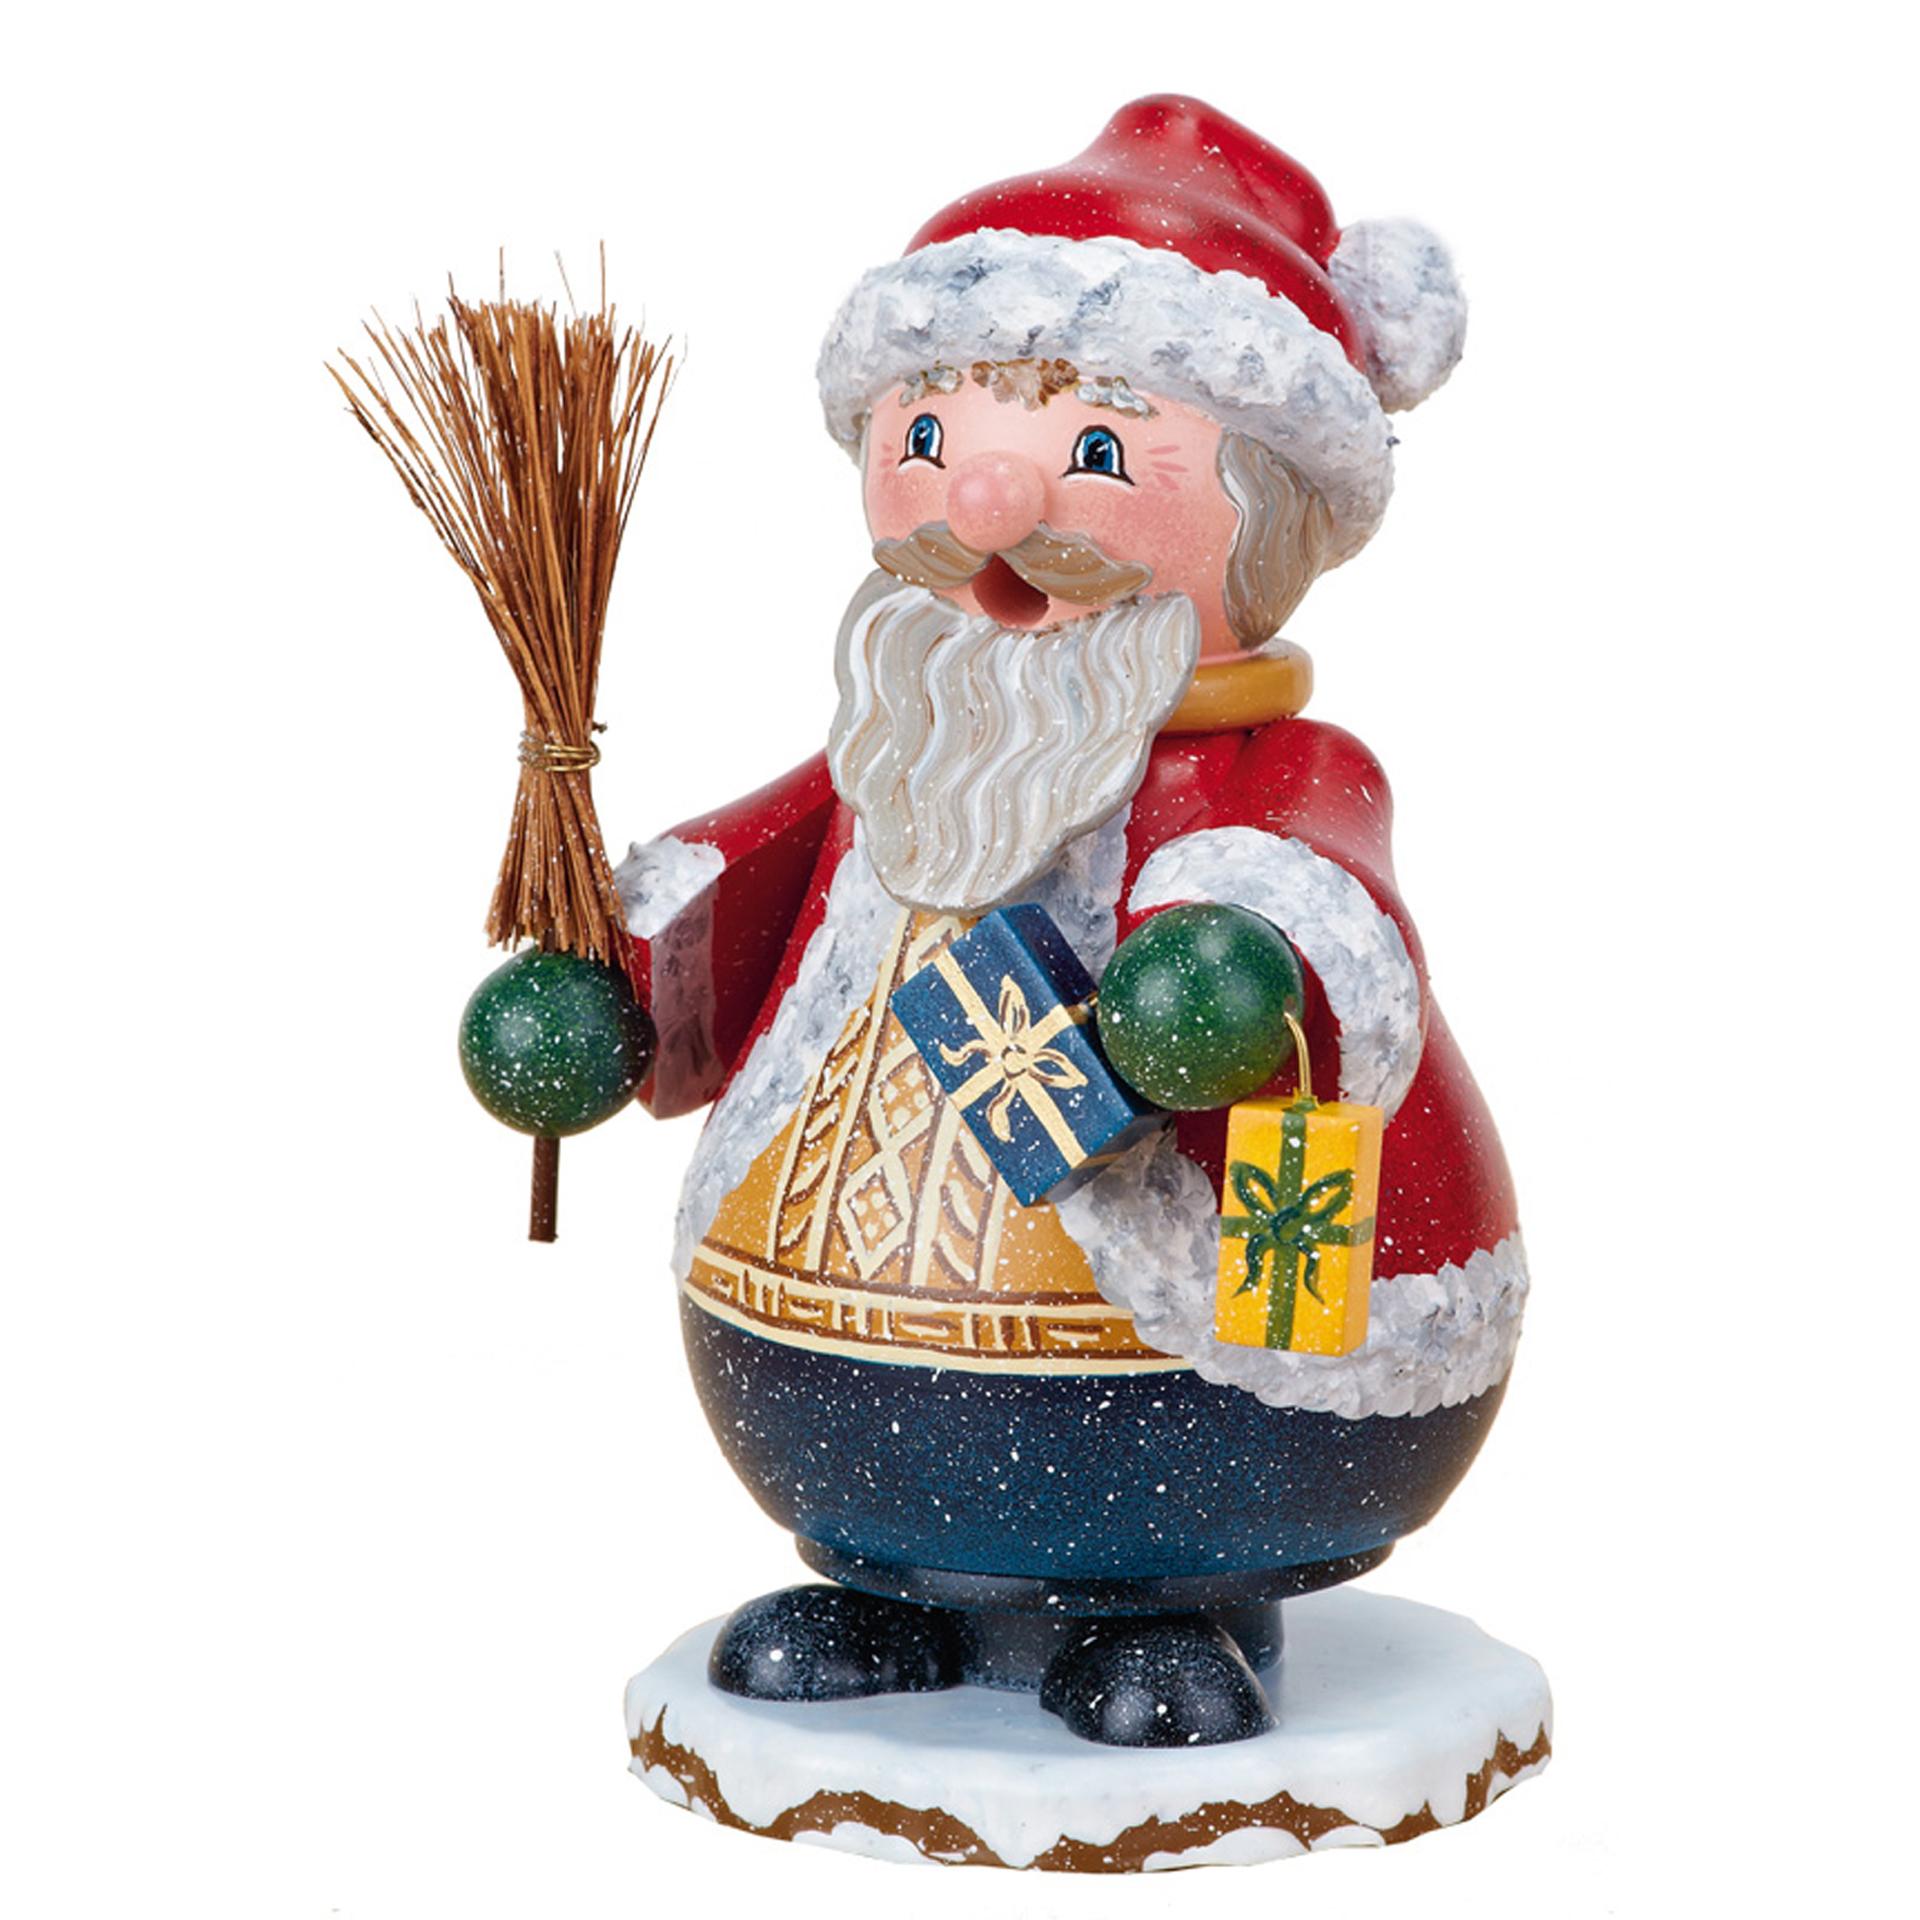 Räucherwichtel Weihnachtsmann Nico